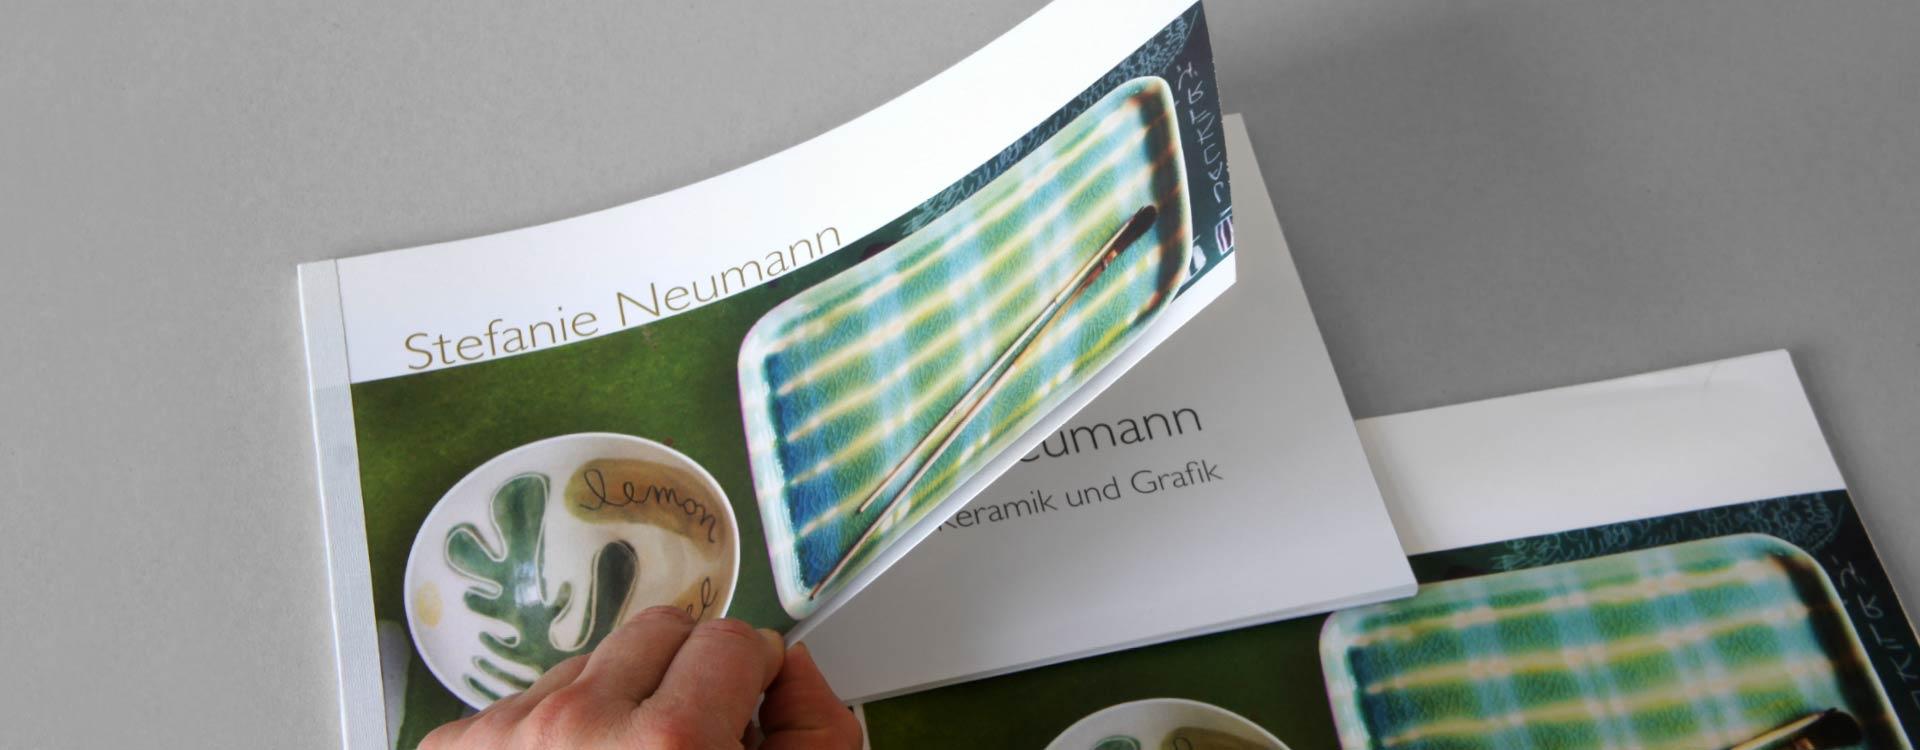 Katalog Stefanie Neumann, Keramik und Grafik; Design: Kattrin Richter |Büro für Grafikdesign